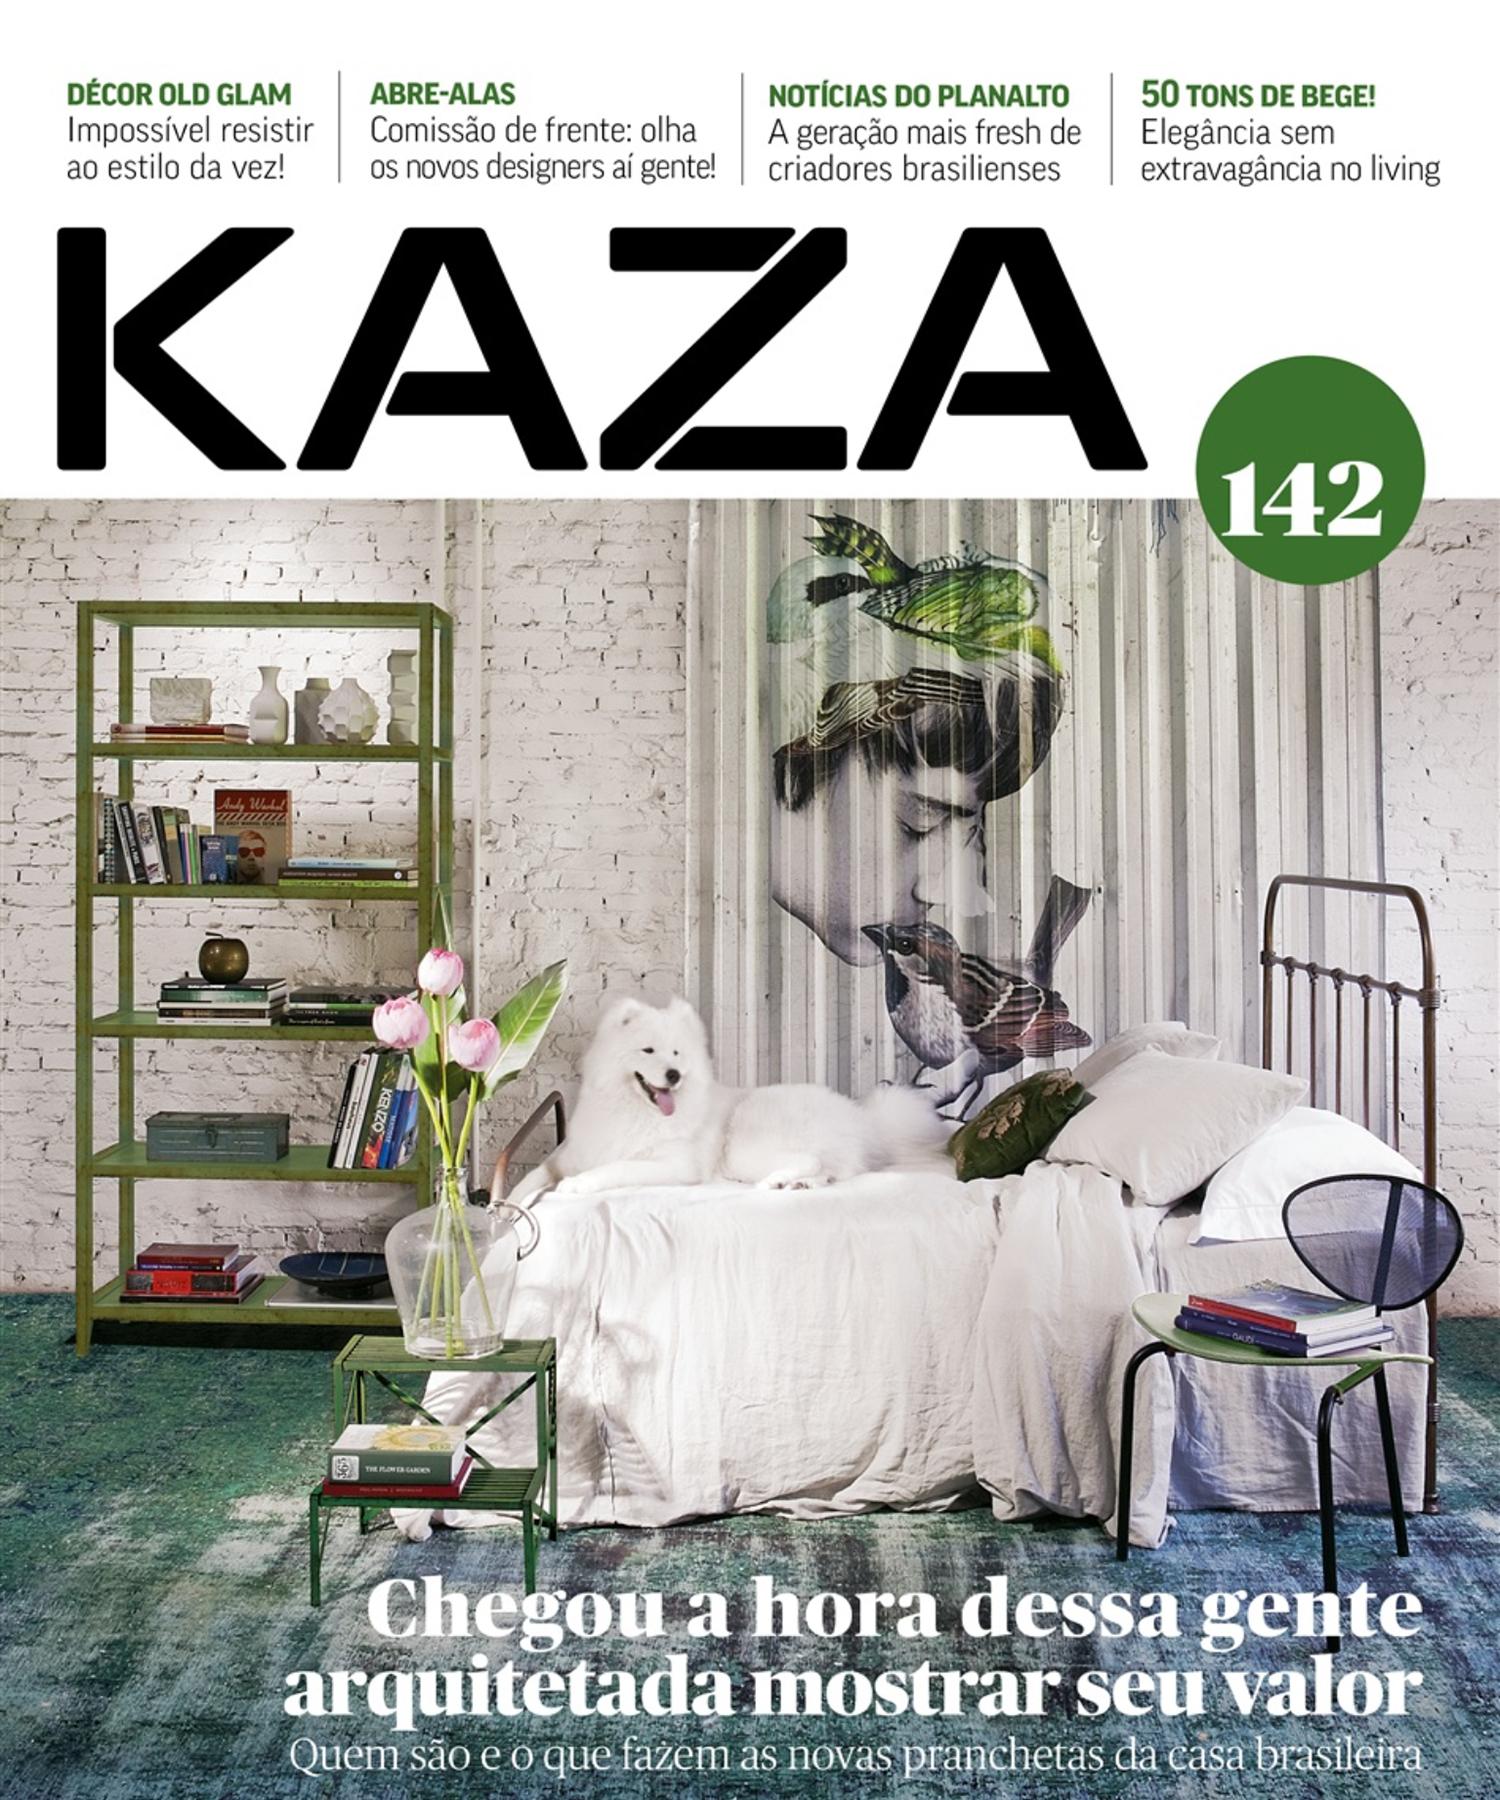 kaza 2015-03-19 15.46.59.png